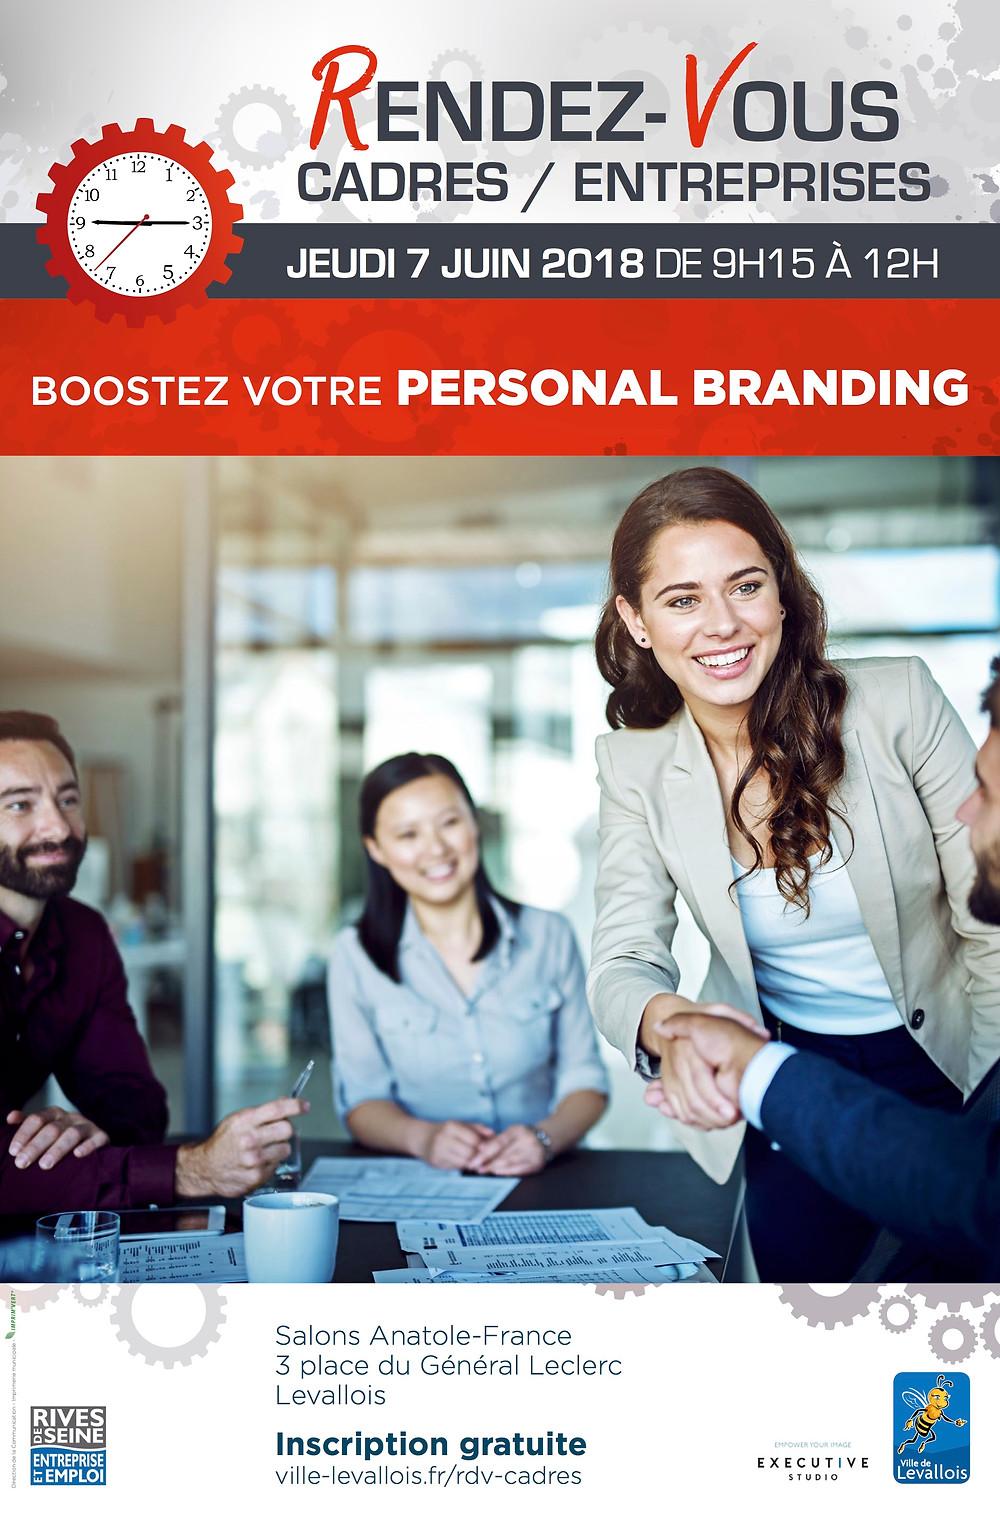 Mairie de Levallois - Boostez votre personal branding